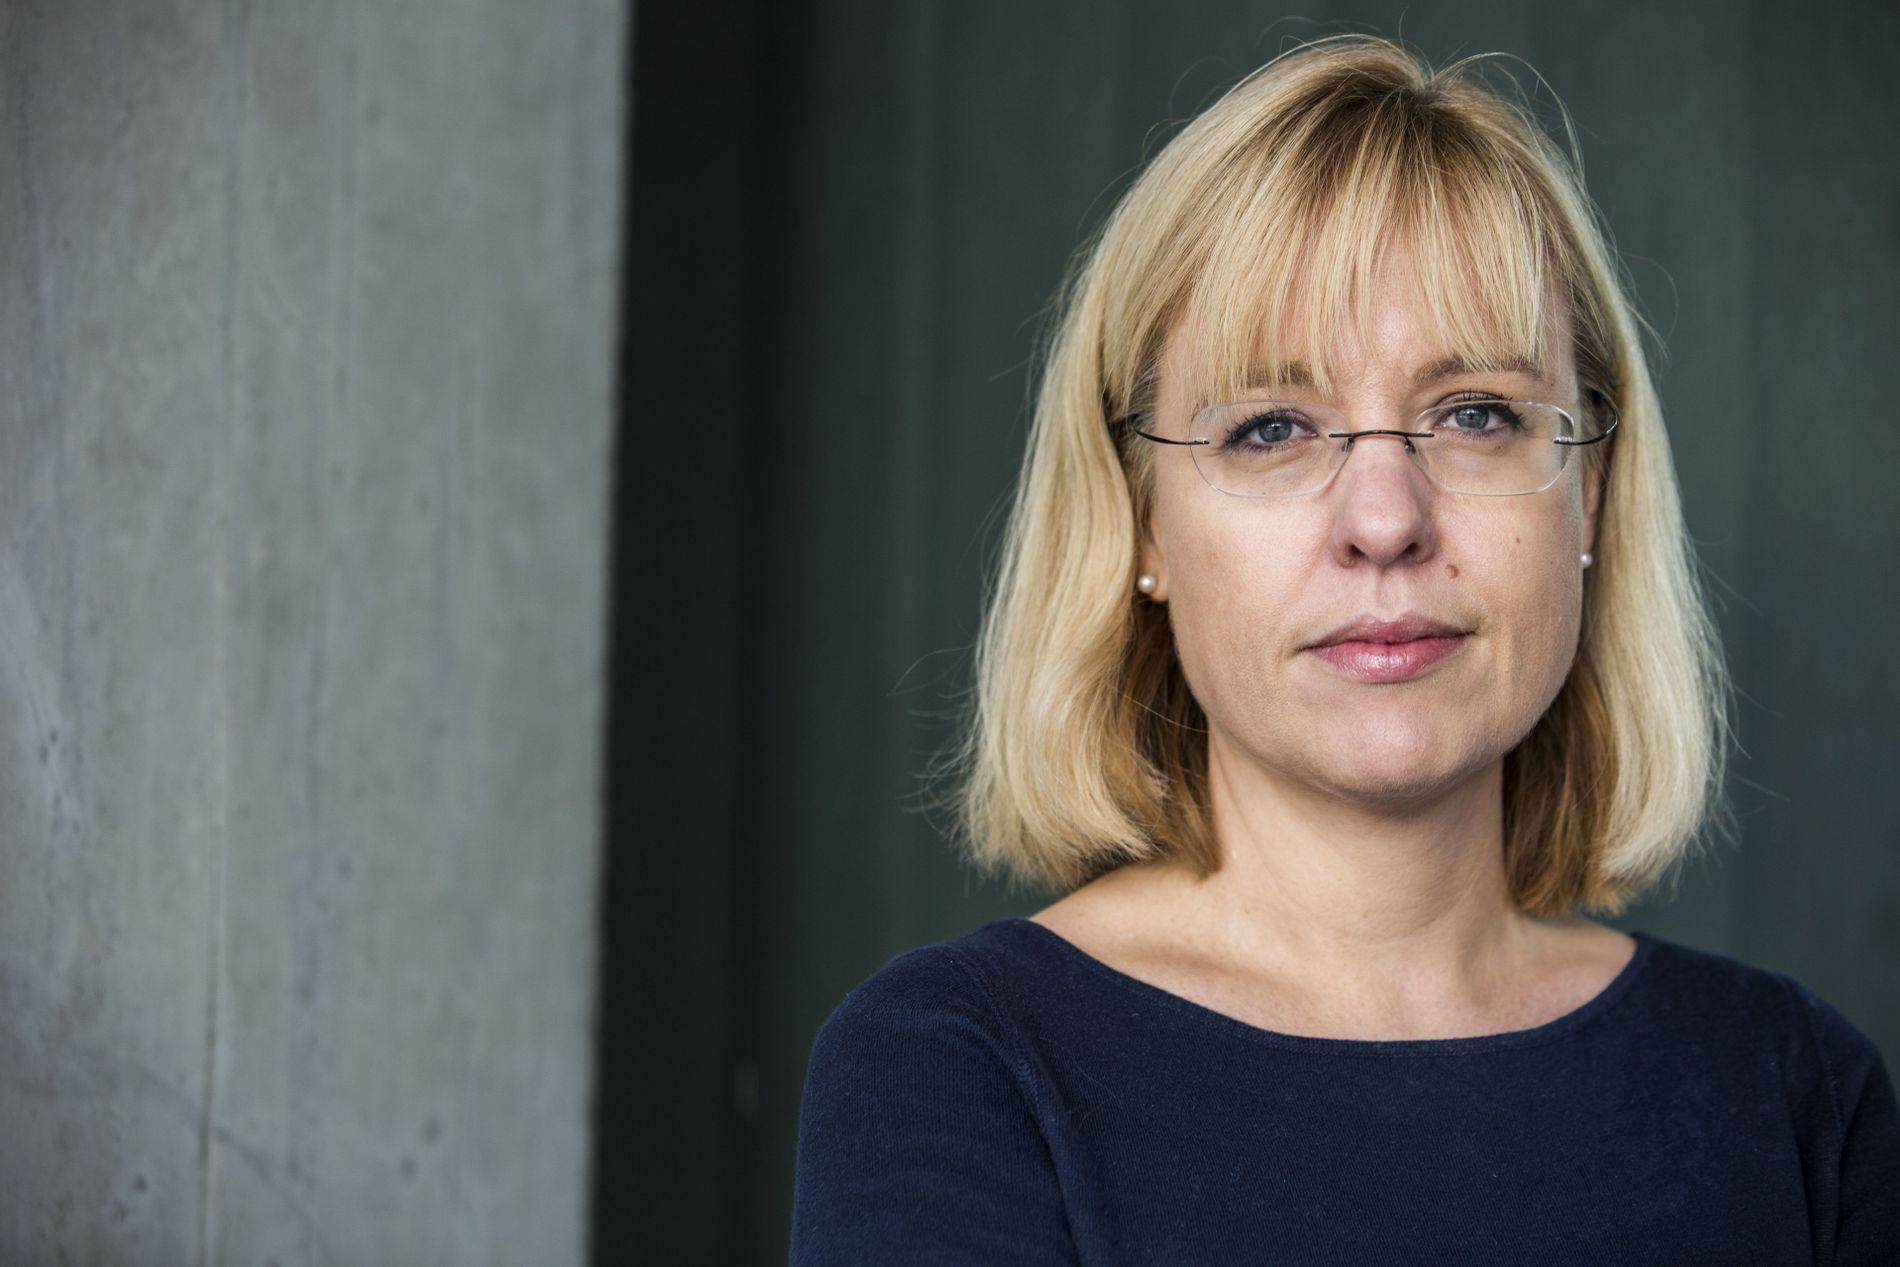 FORBANNA: Språkrådet-direktør Åse Wetås ber regjeringa om meir makt til å stoppe nye, meiningslause namn på offentlege organ. Det burde ikkje vere naudsynt, sjølv om offentlege leiarar tydelegvis treng ei oppstramming, skriv BT på leiarplass.